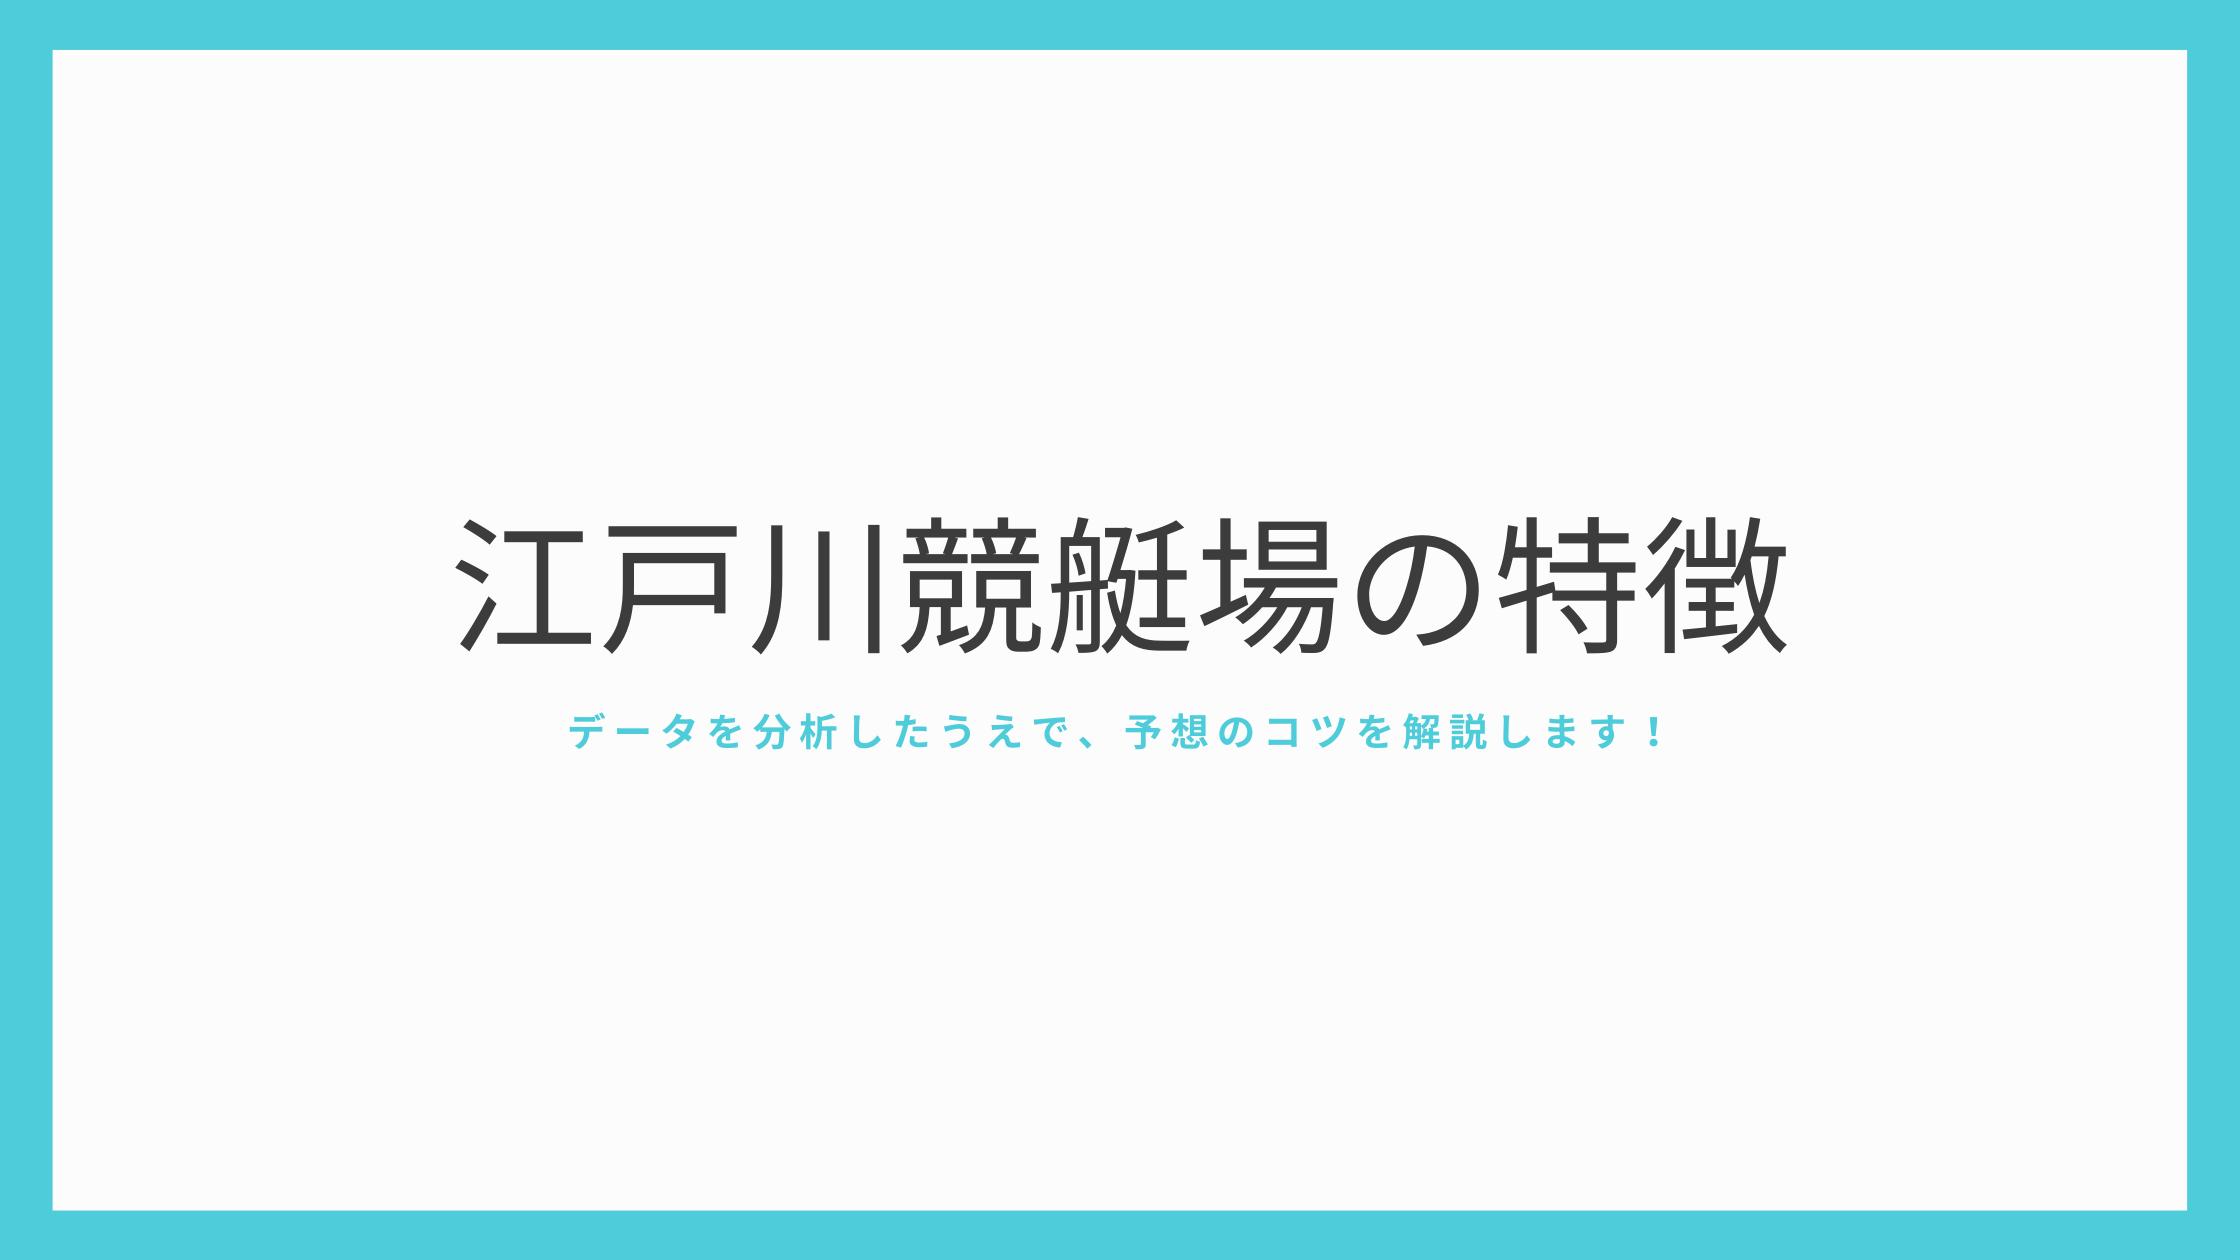 予想 江戸川 江戸川競艇マニア ボートレース江戸川の舟券予想ポイント